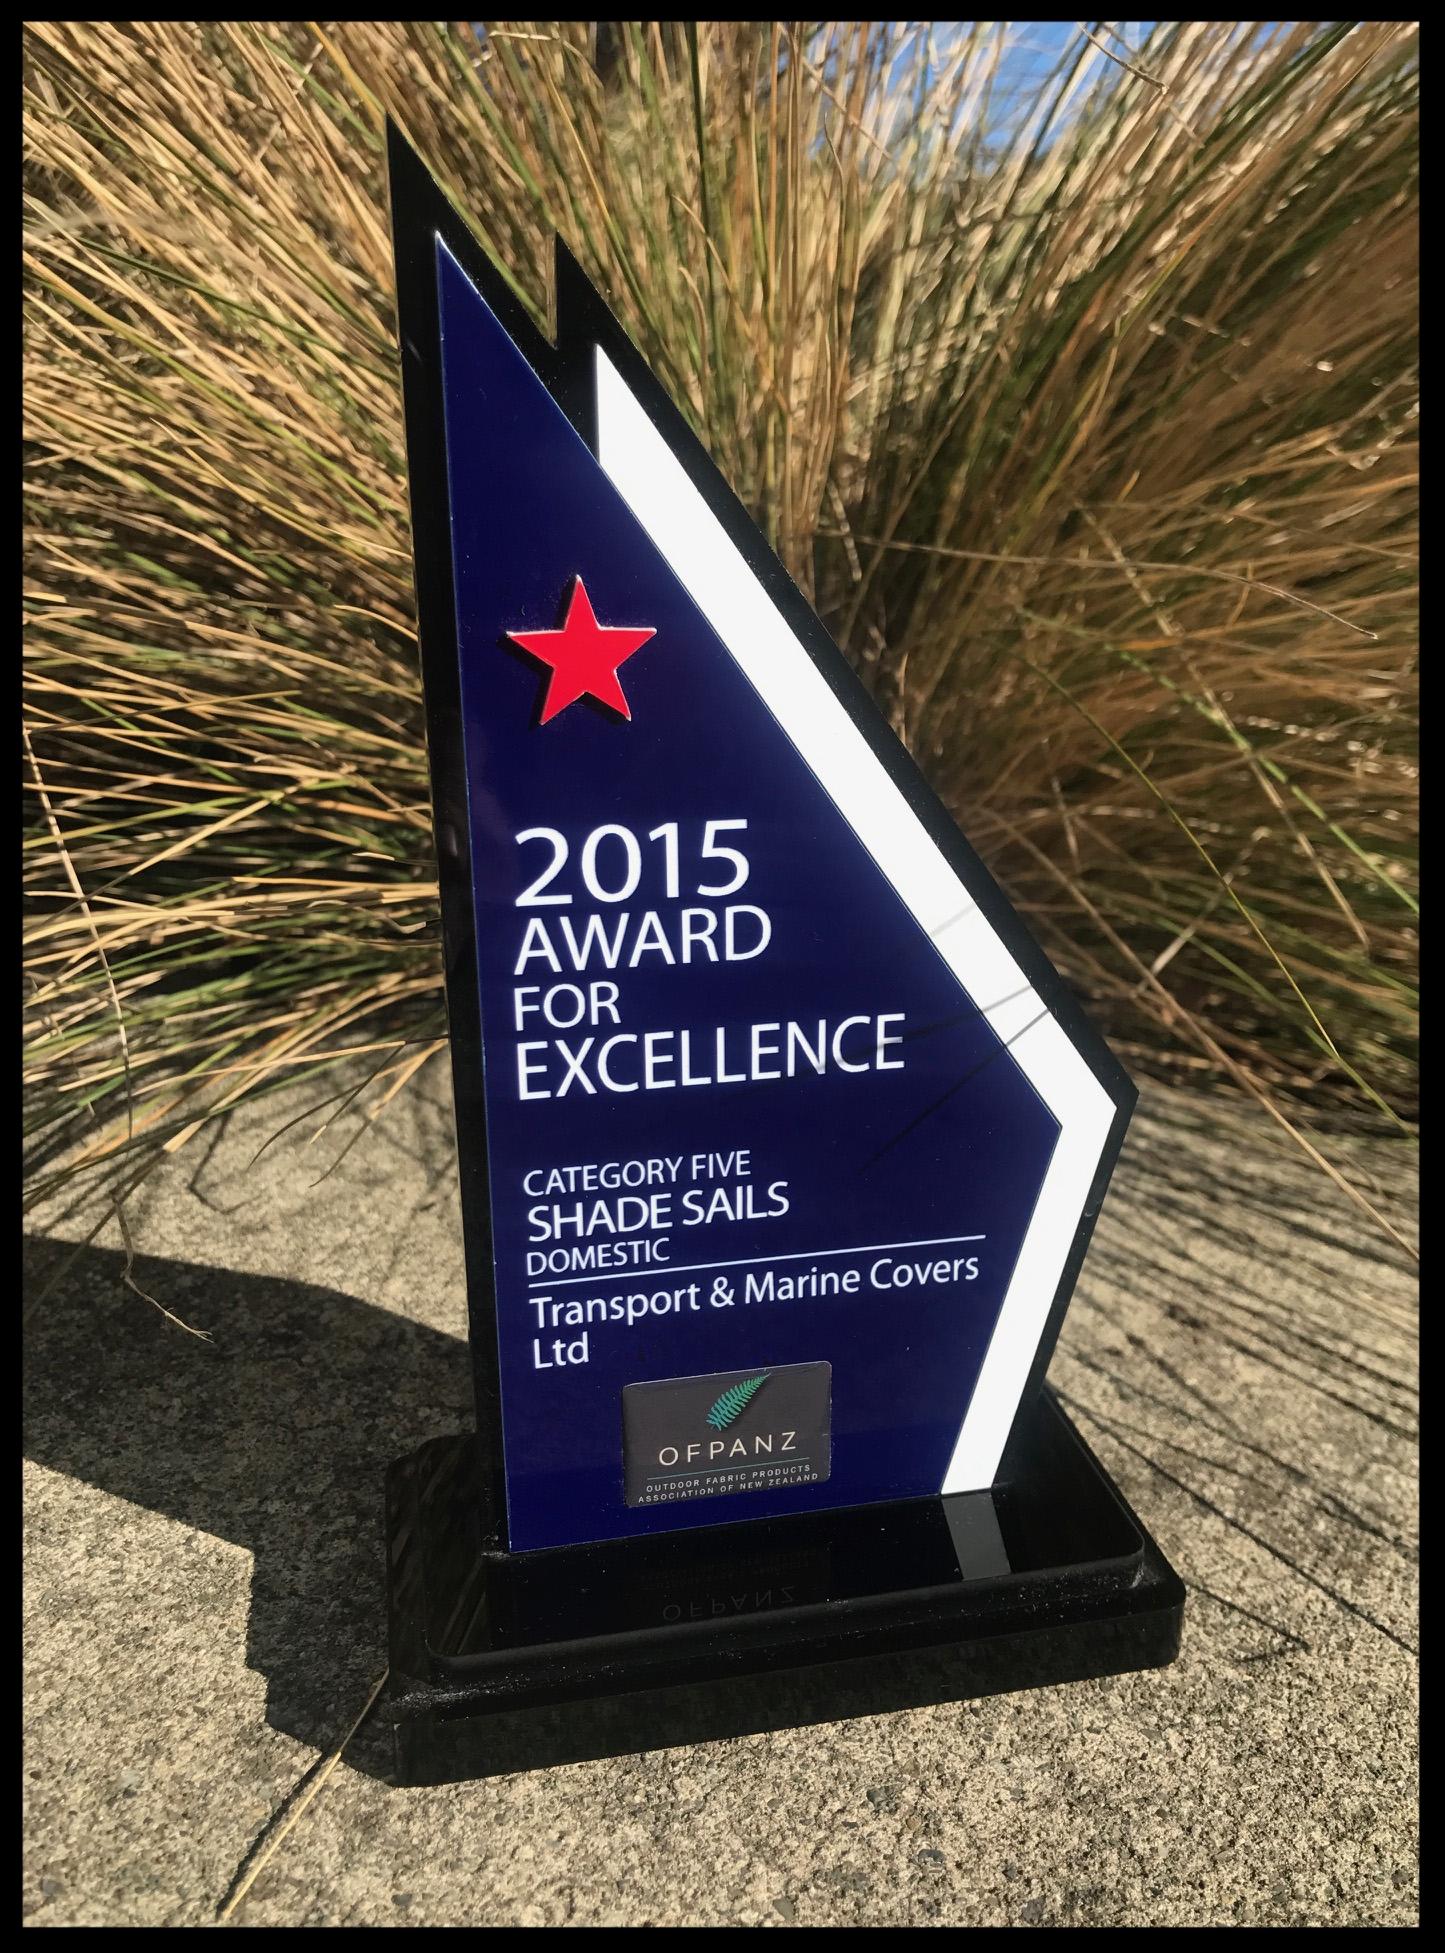 2015 OFPANZ Award for Domestic Shade Sails